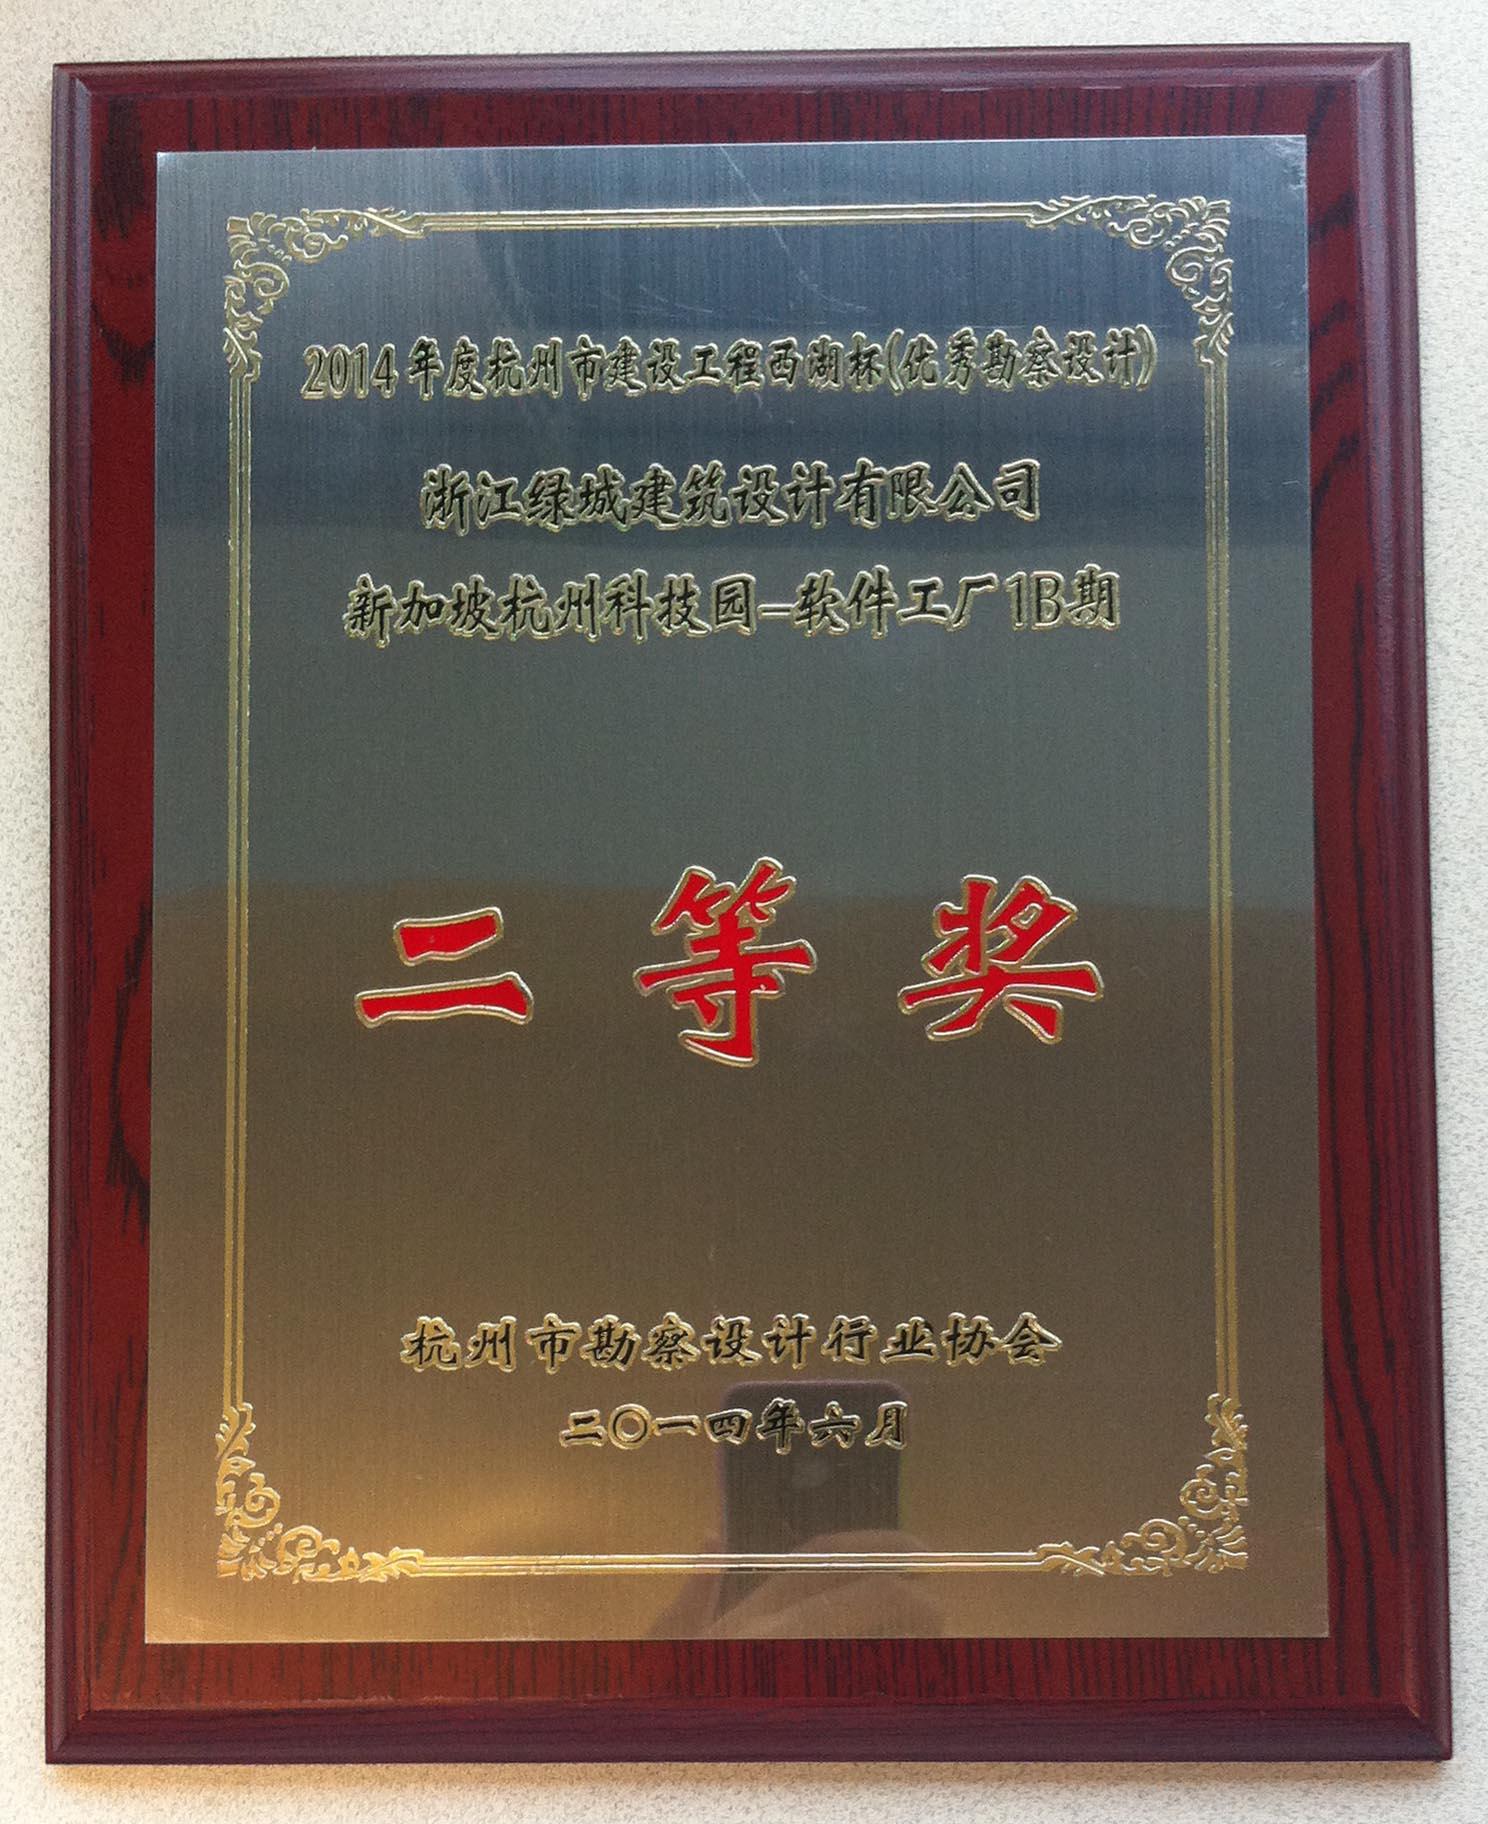 025-2014-(二等奖)-新加坡杭州科技软件园-软件工厂1B期项目-奖牌.jpg